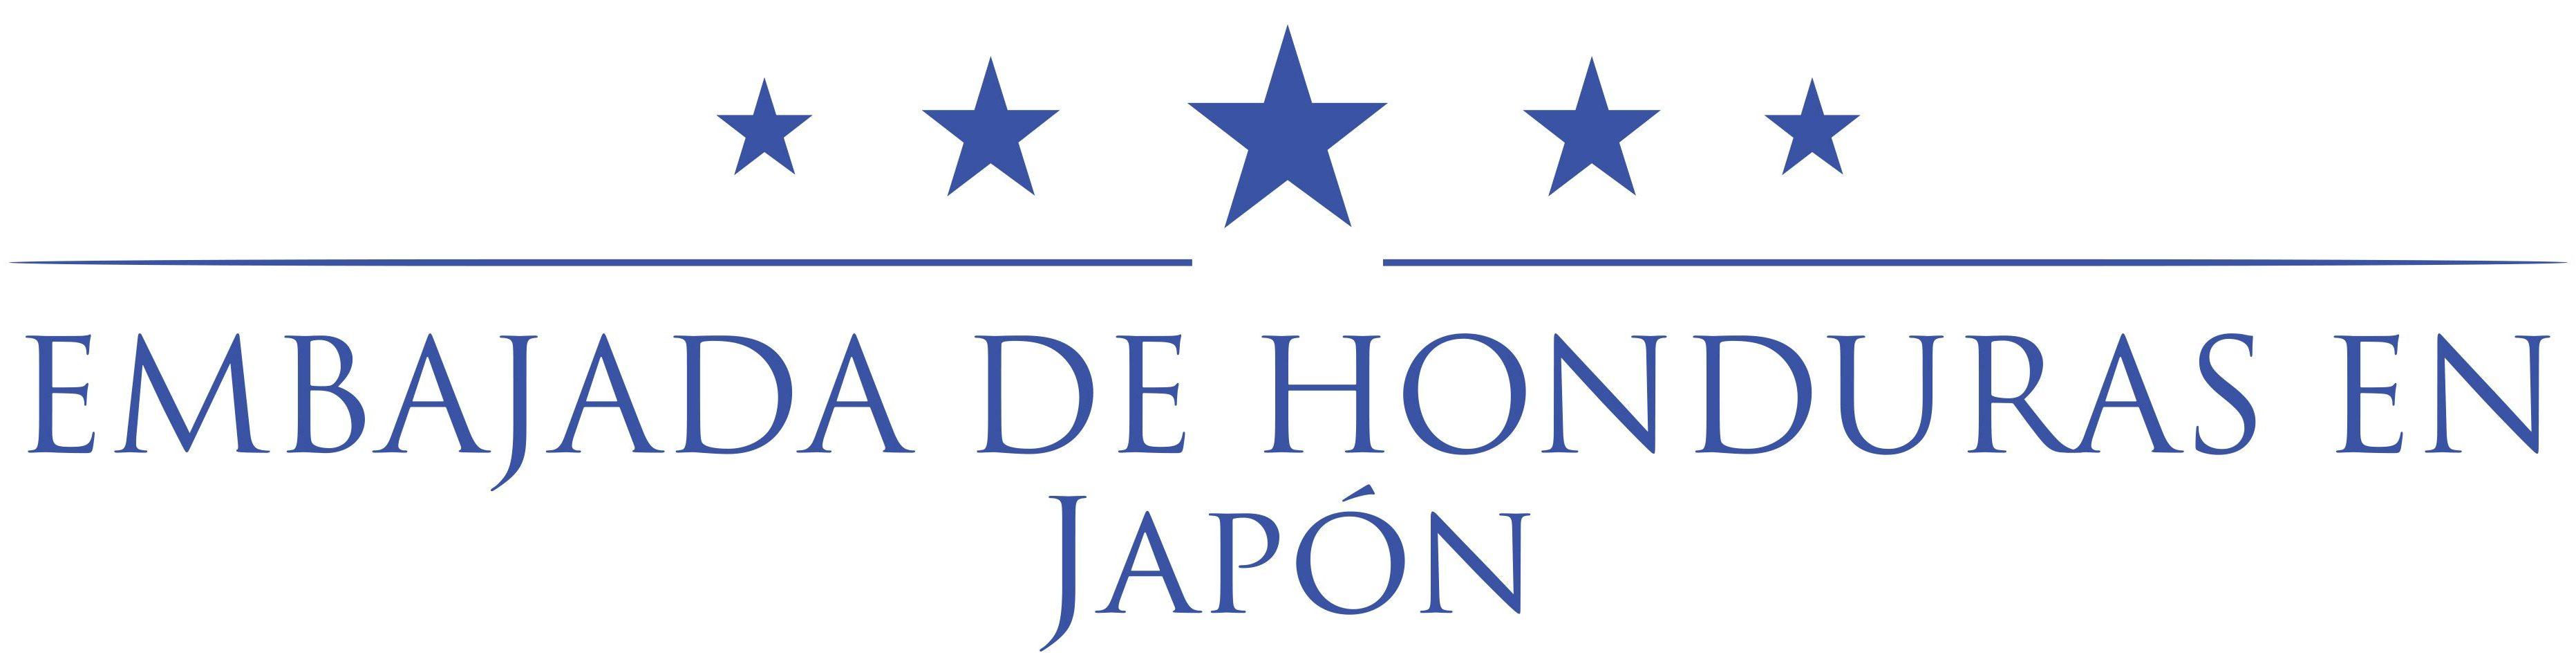 EMBAJADA DE HONDURAS EN JAPÓN